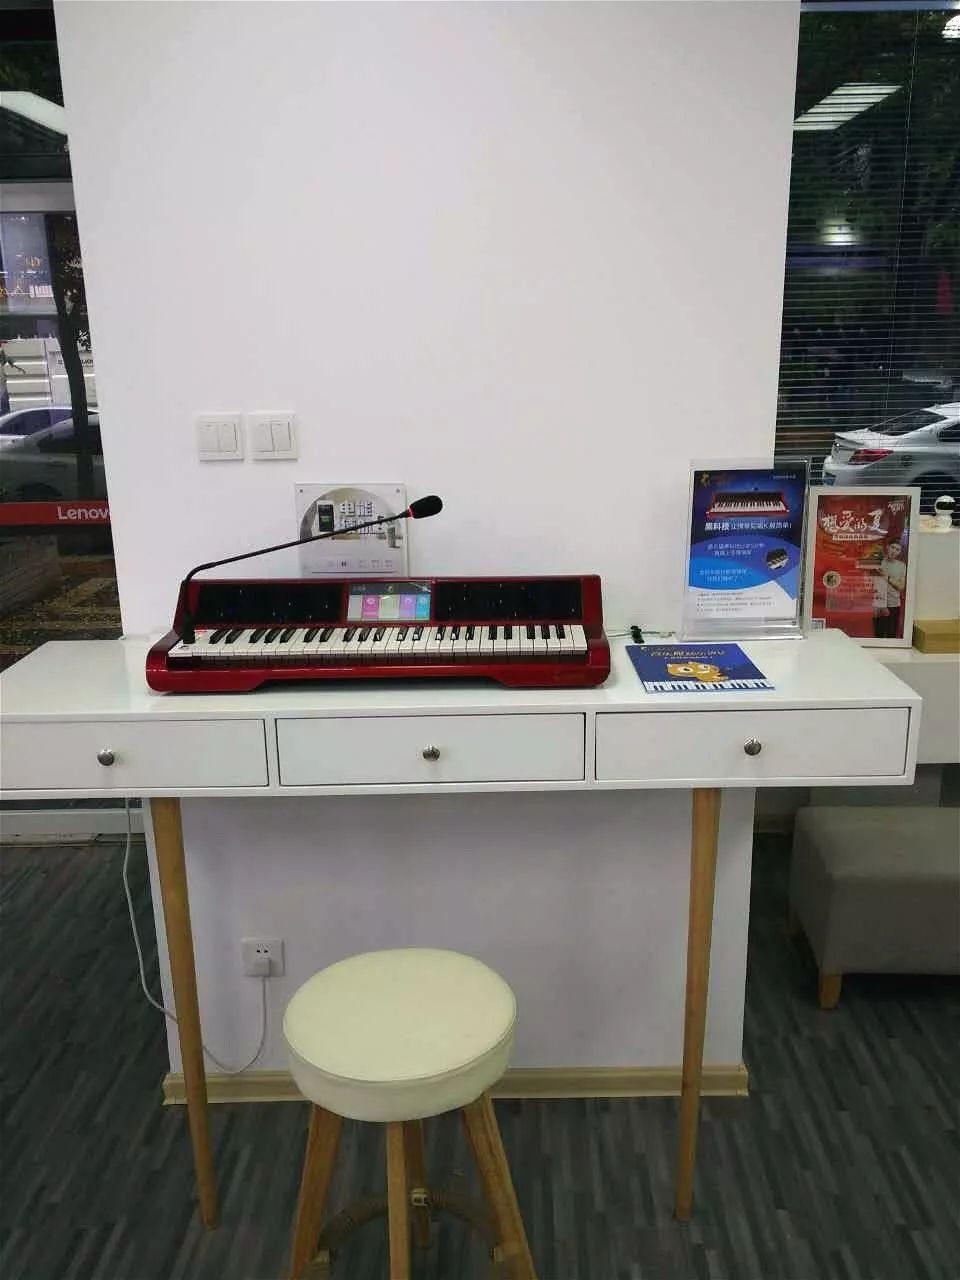 智能乐器跨界玩合作,音乐猫入驻联想全国门店图片